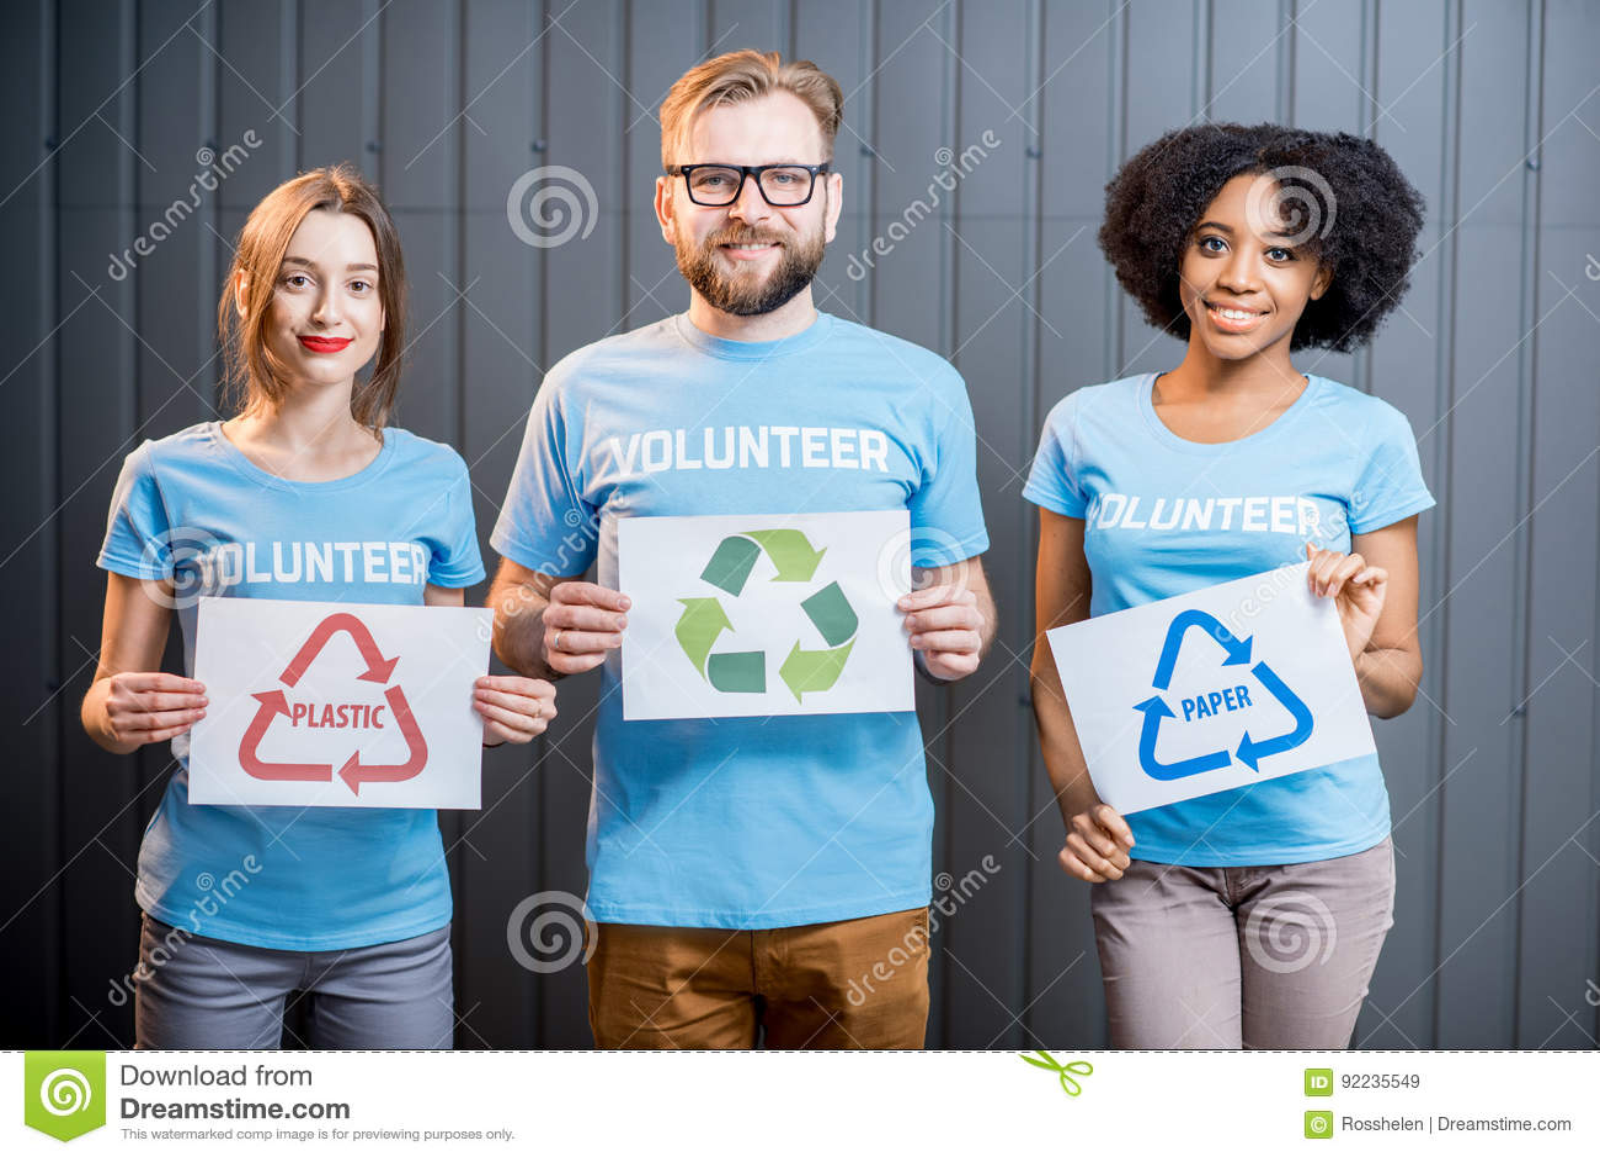 Voluntários com sinais de classificar o desperdício